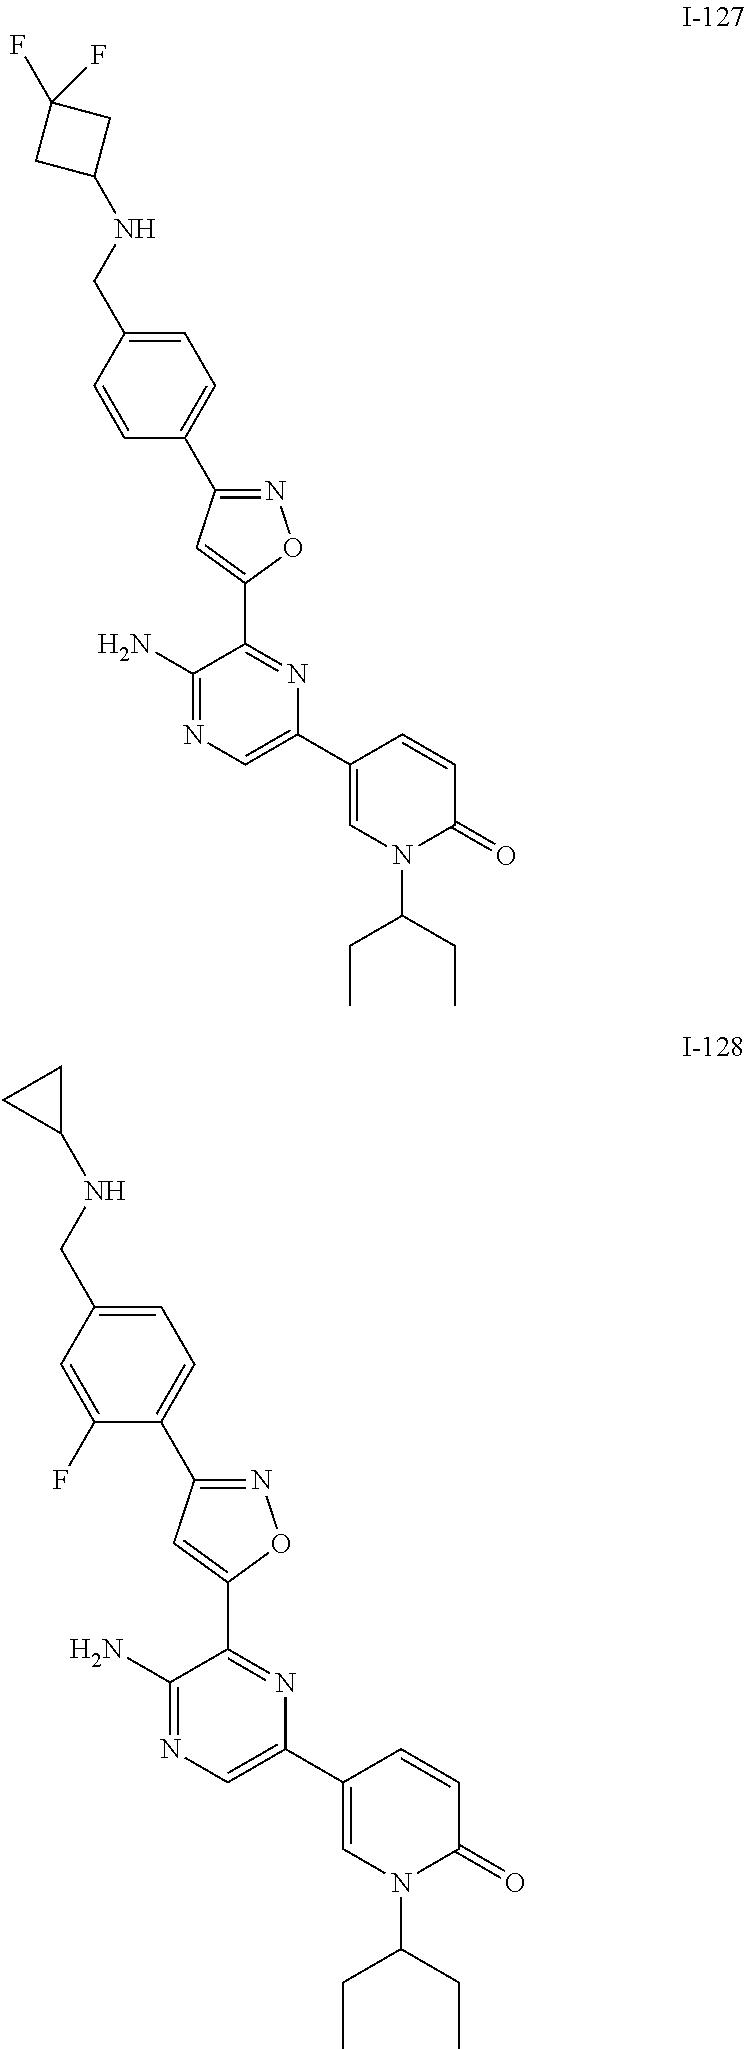 Figure US09630956-20170425-C00261